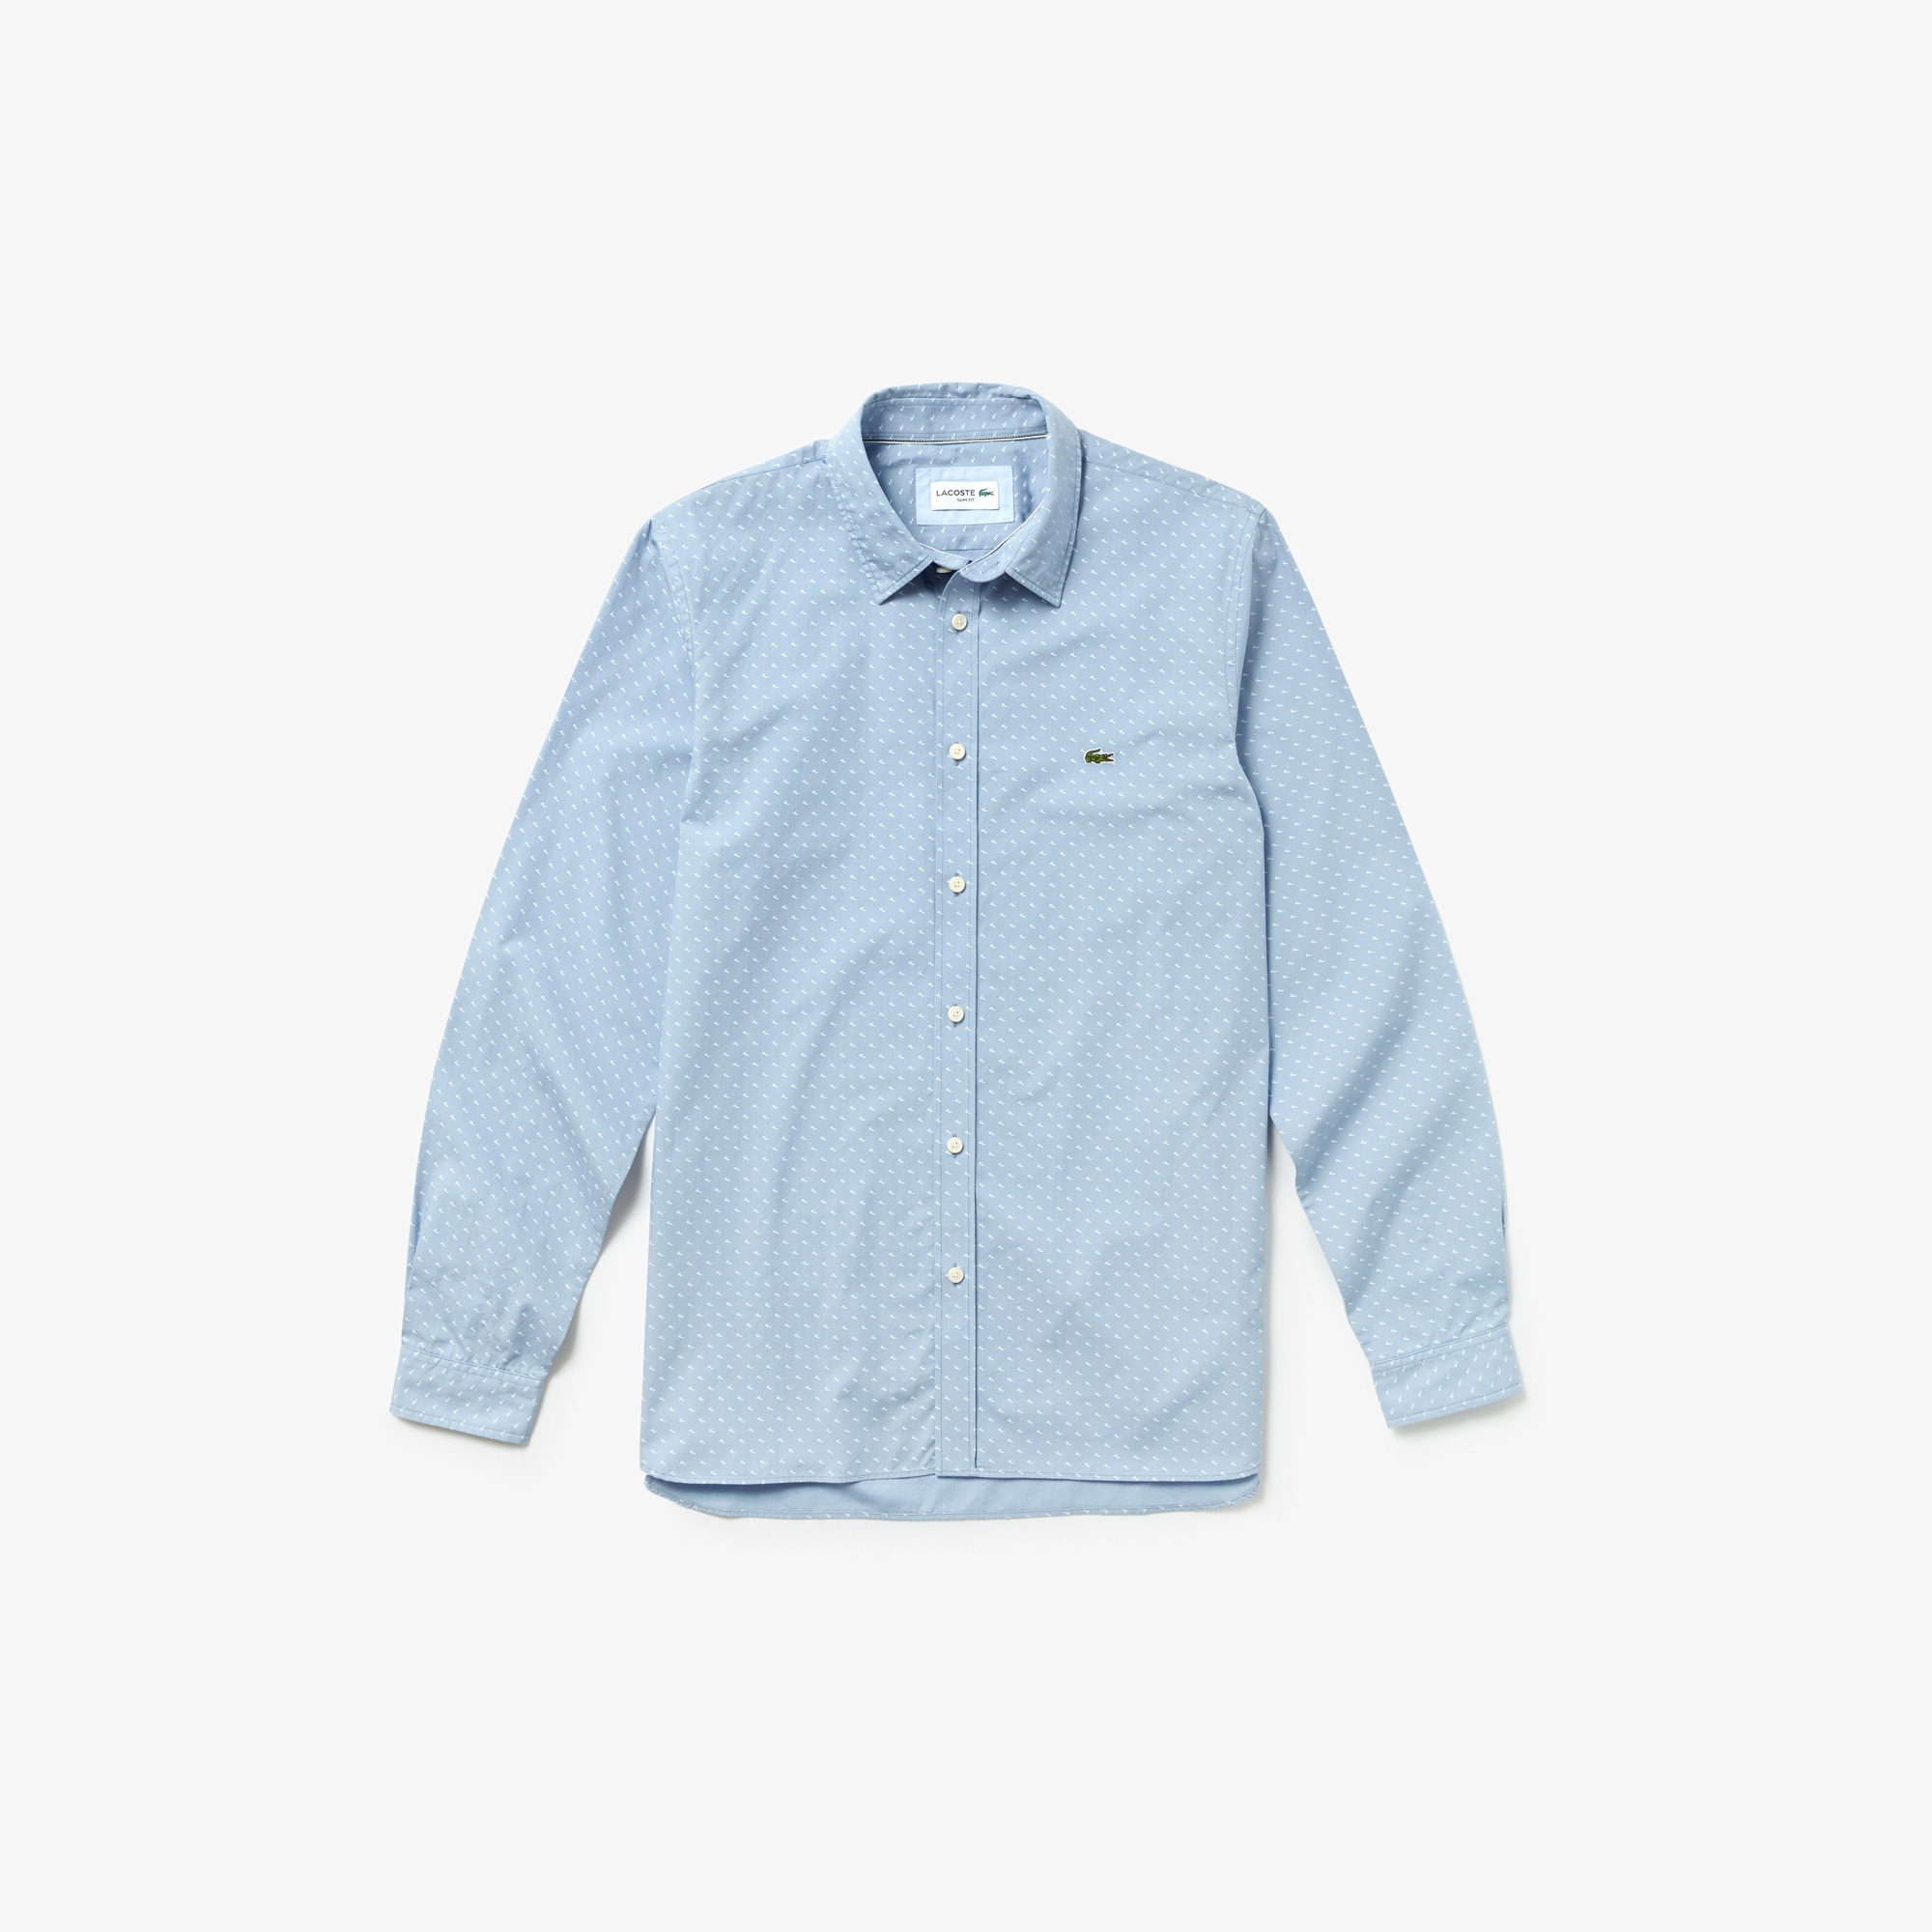 라코스테 Lacoste Mens Slim Fit Cotton Poplin Shirt,Light Blue / White